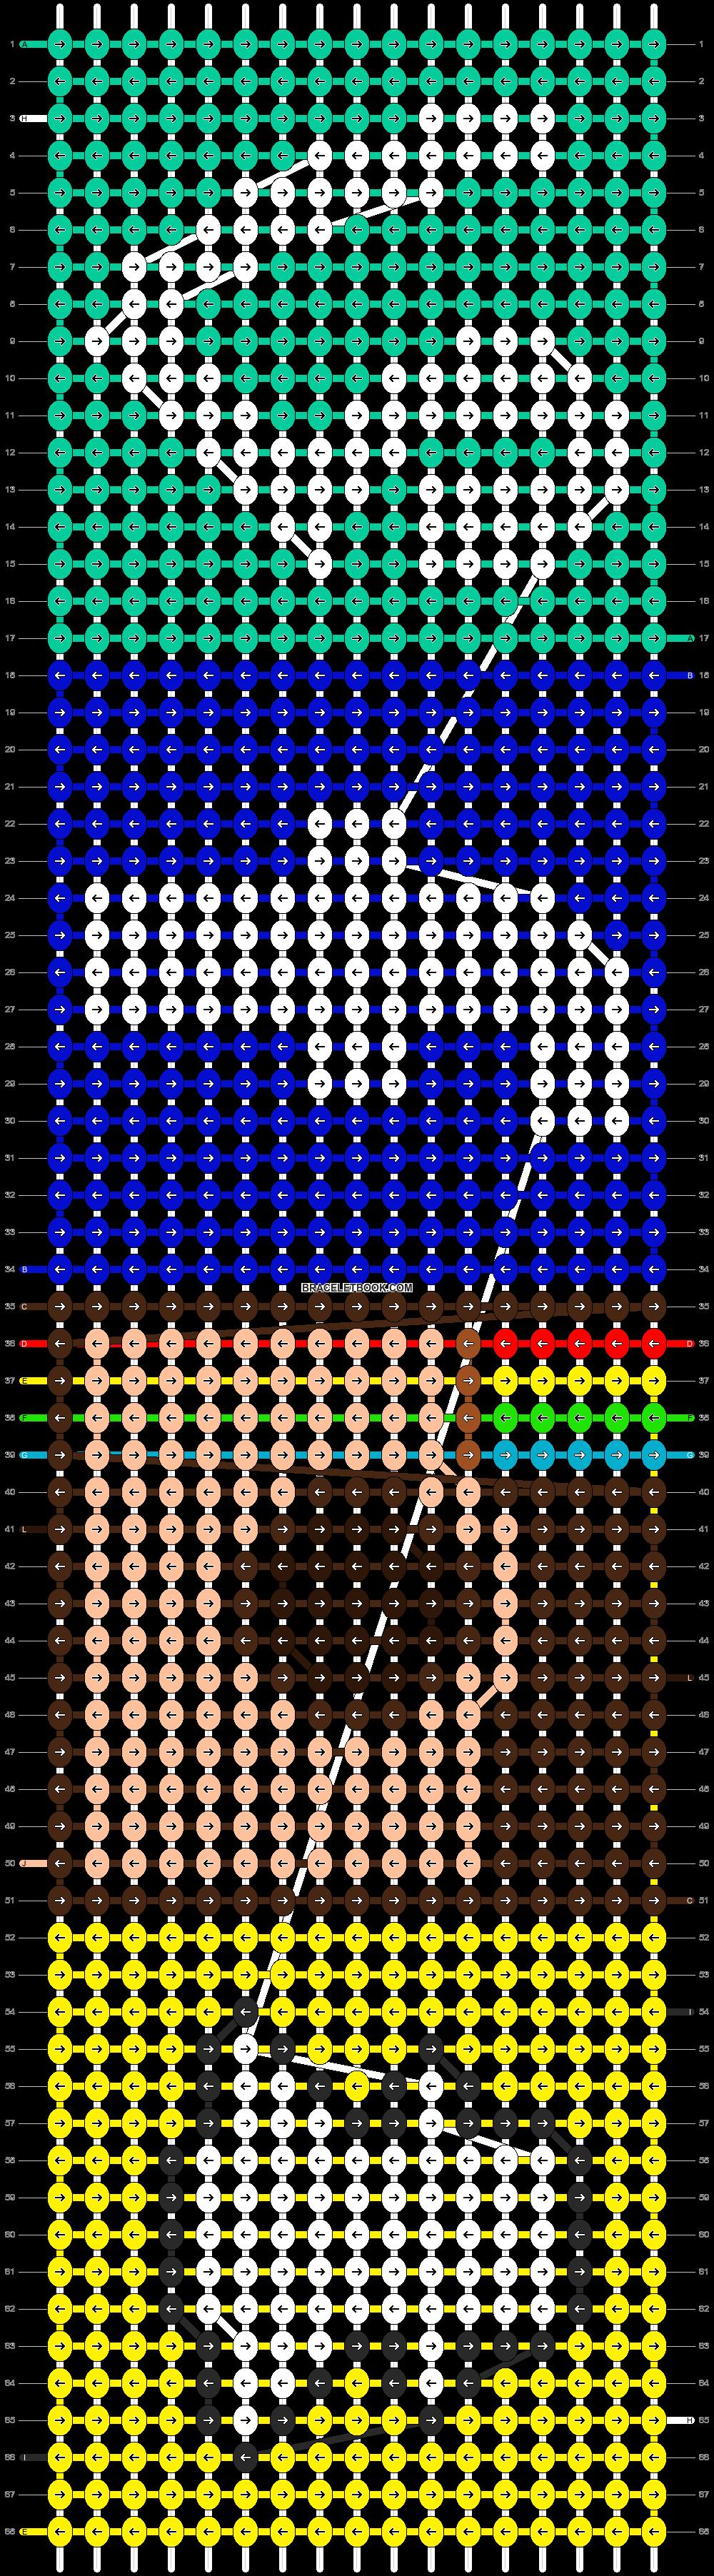 Alpha Pattern #22284 added by MemiIrwin